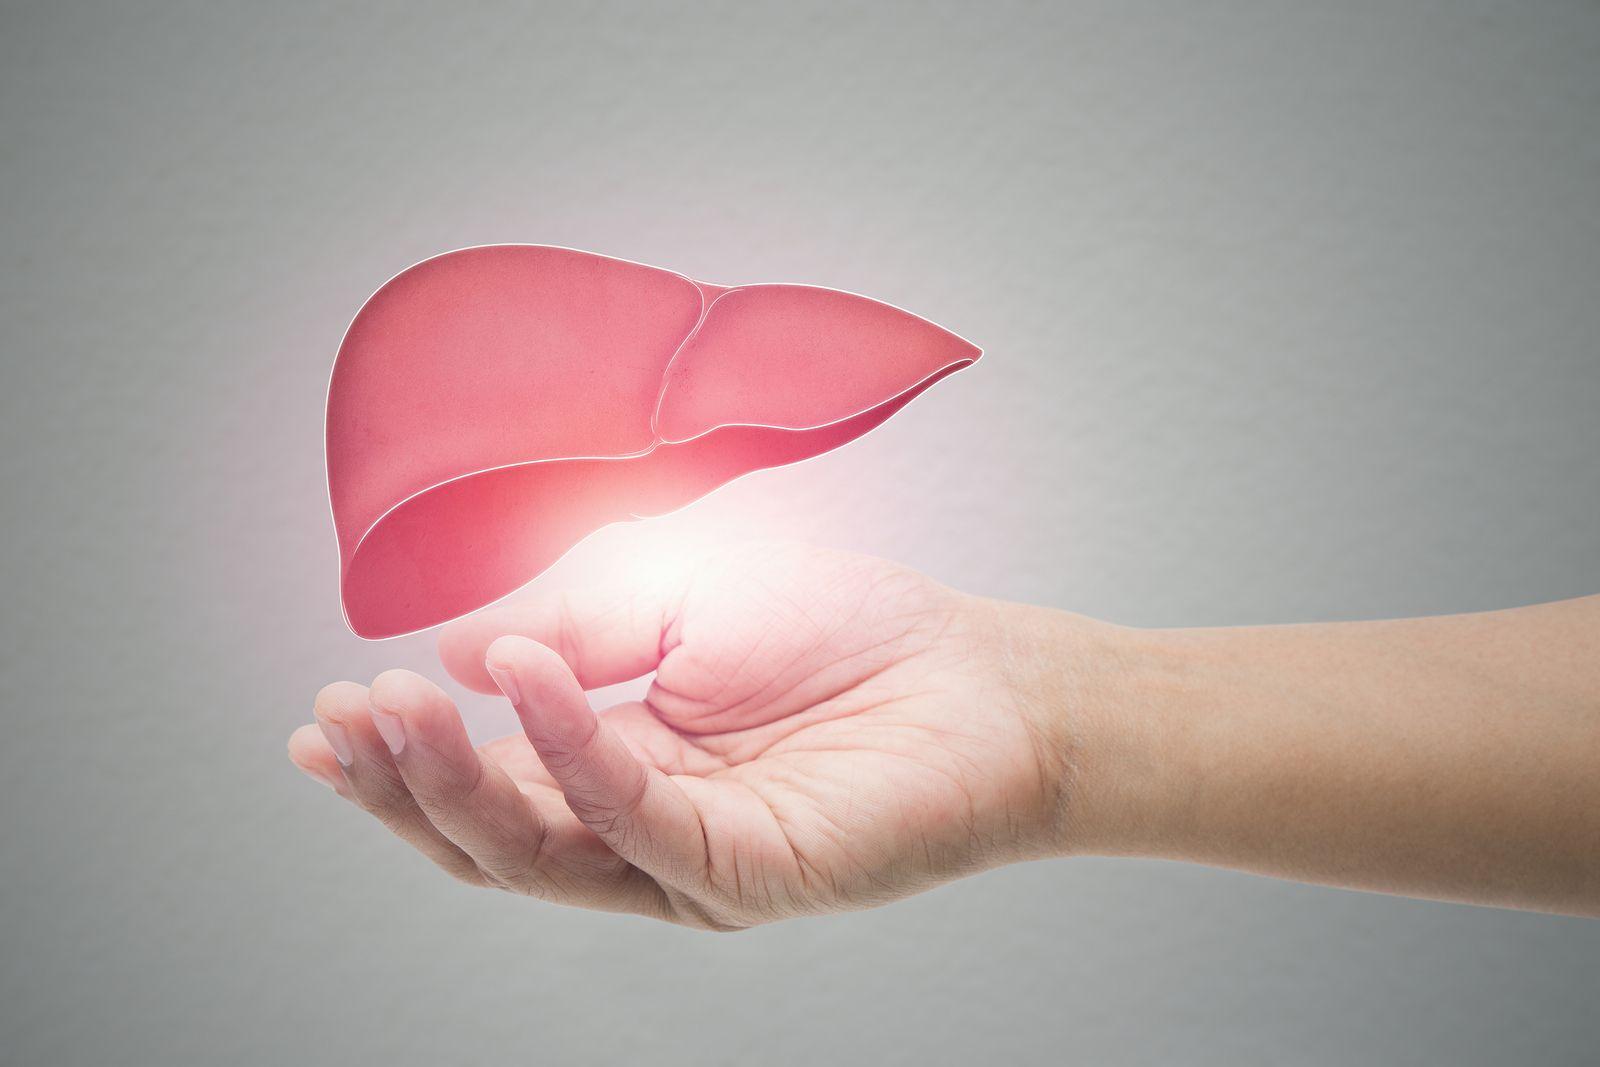 Qué desencadena la aparición de una cirrosis hepática